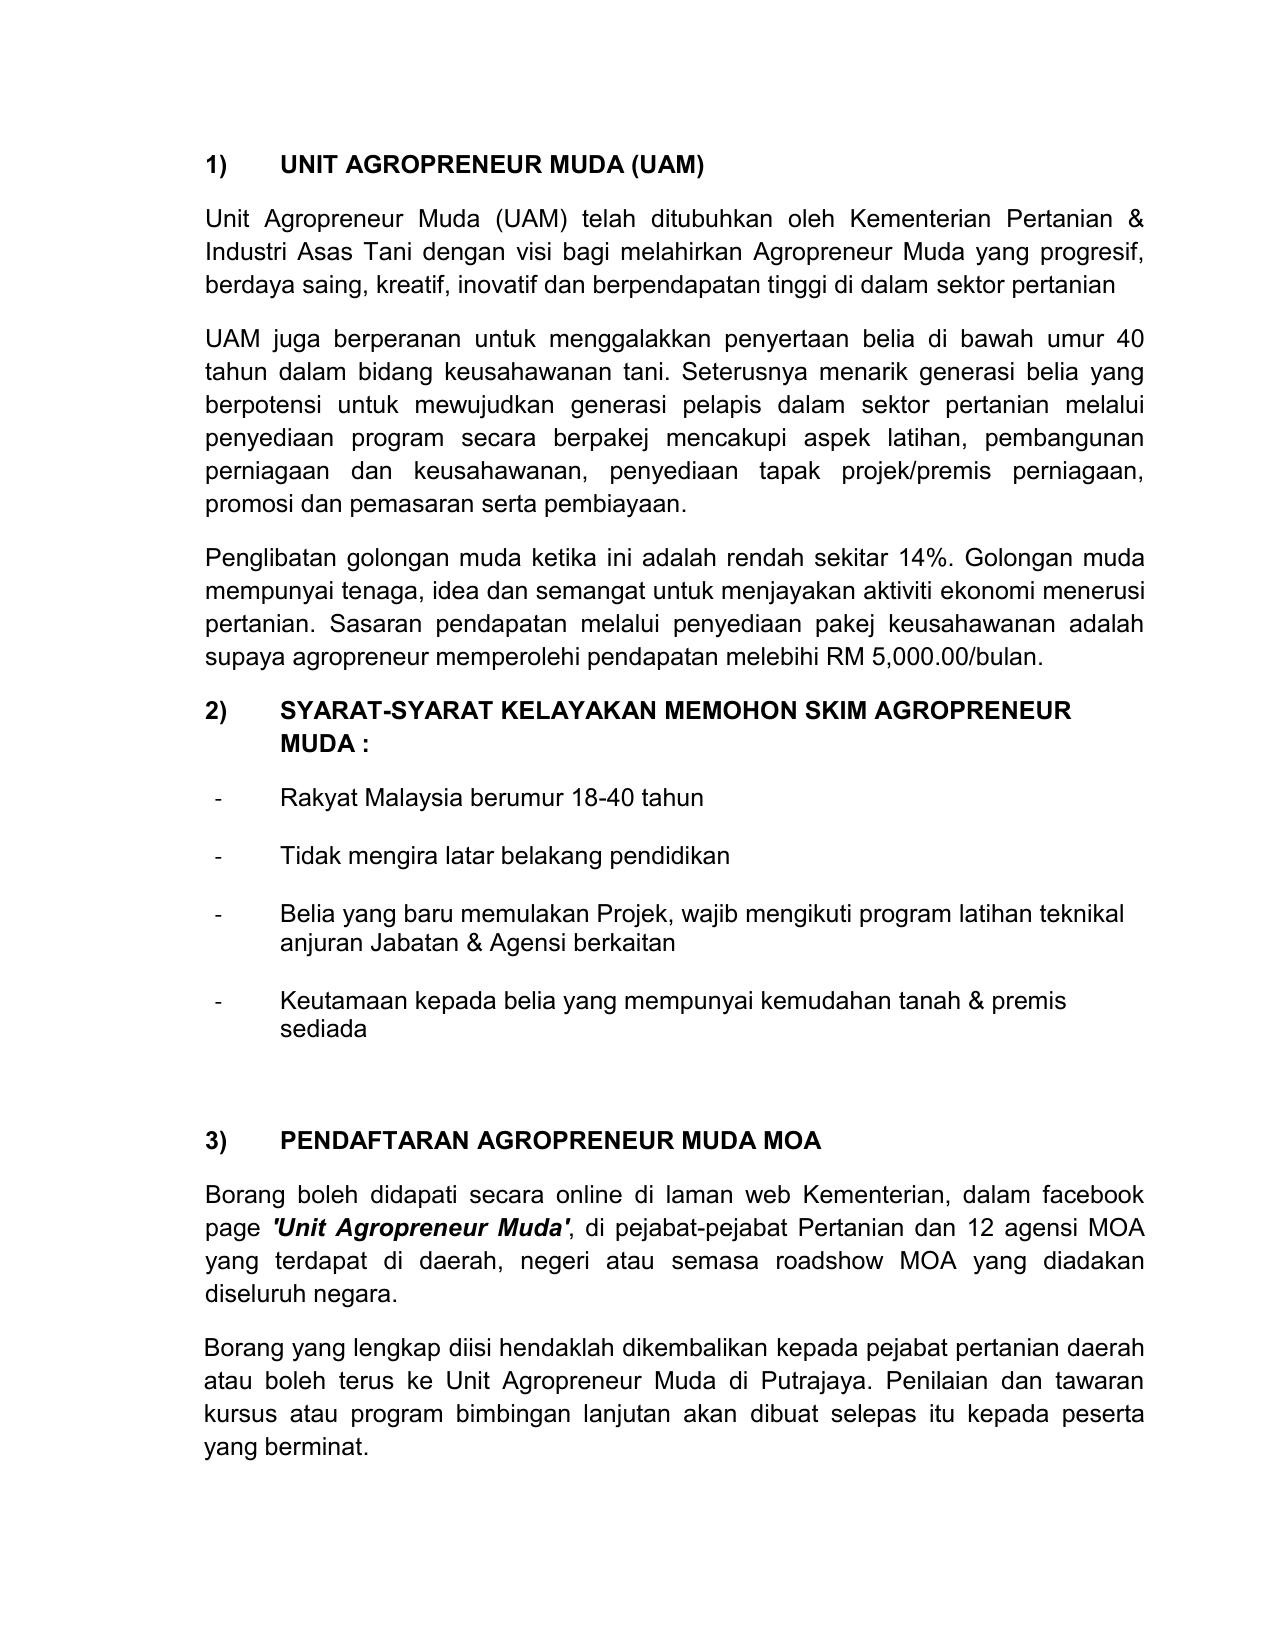 Unit Agropreneur Muda Uam Kementerian Pertanian Dan Industri